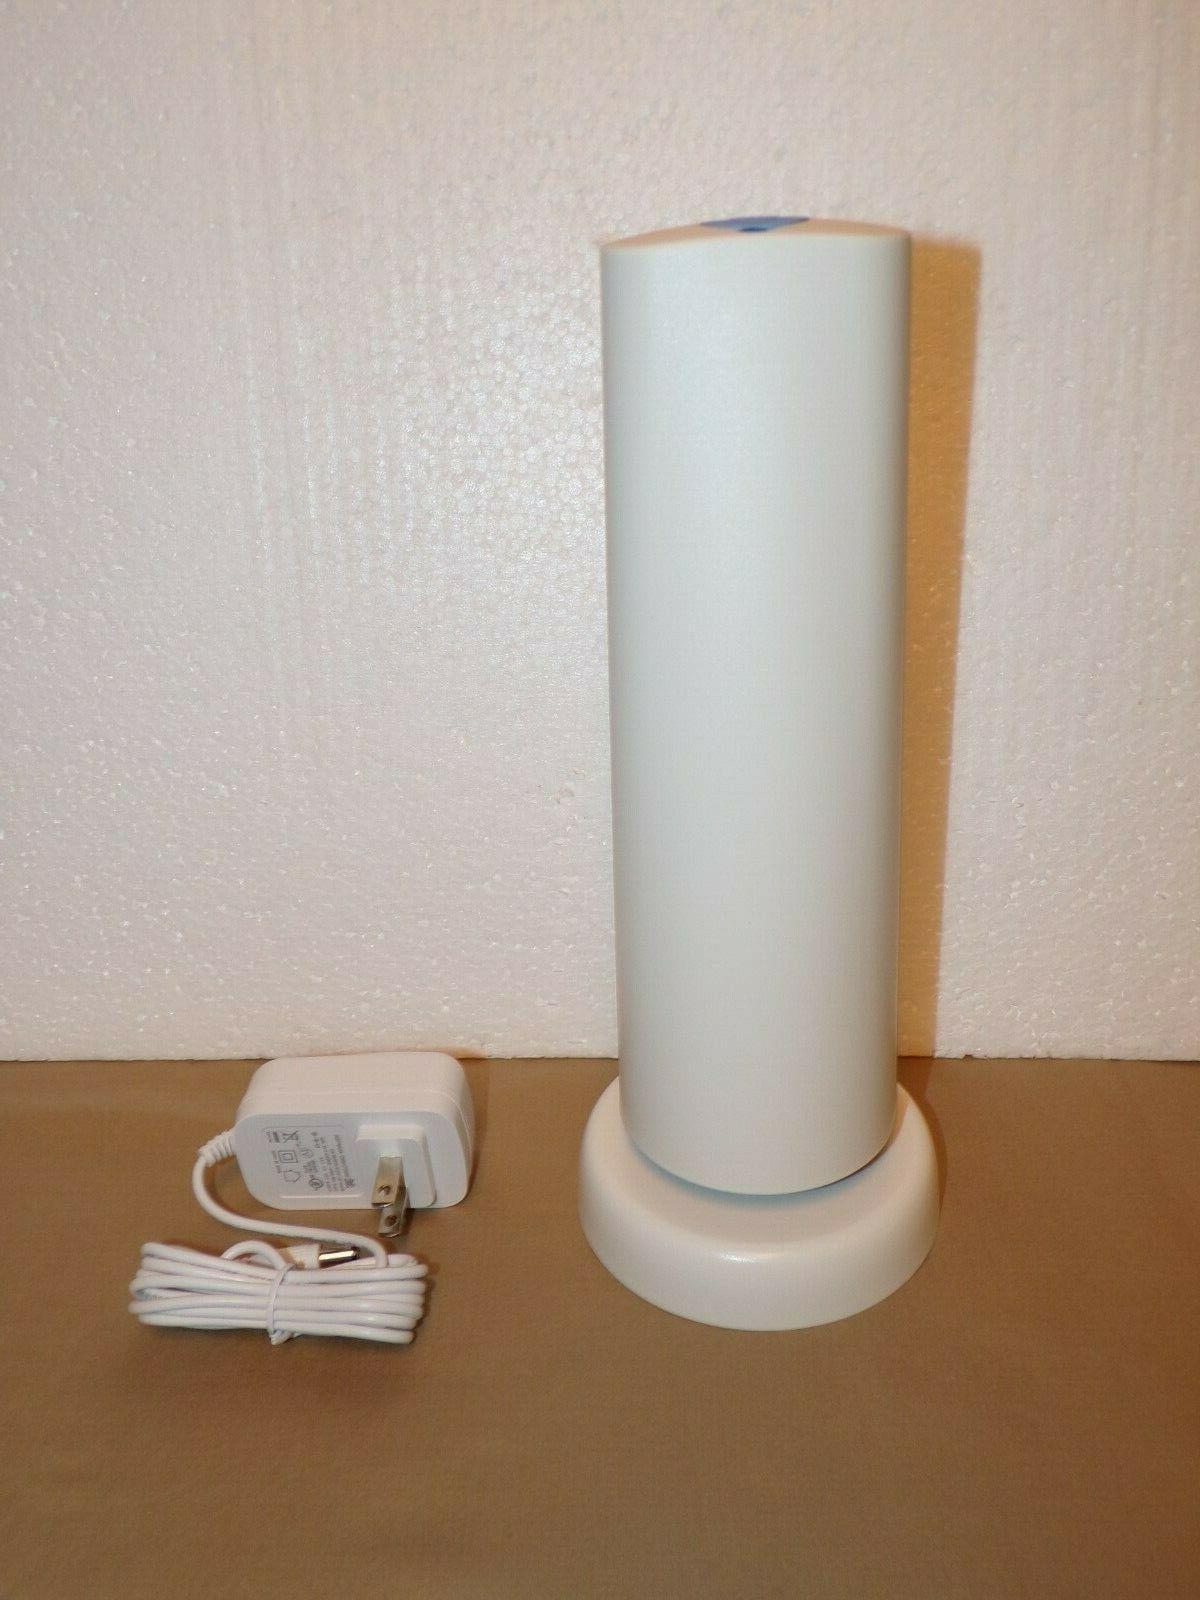 SimpliSafe Home & Detector